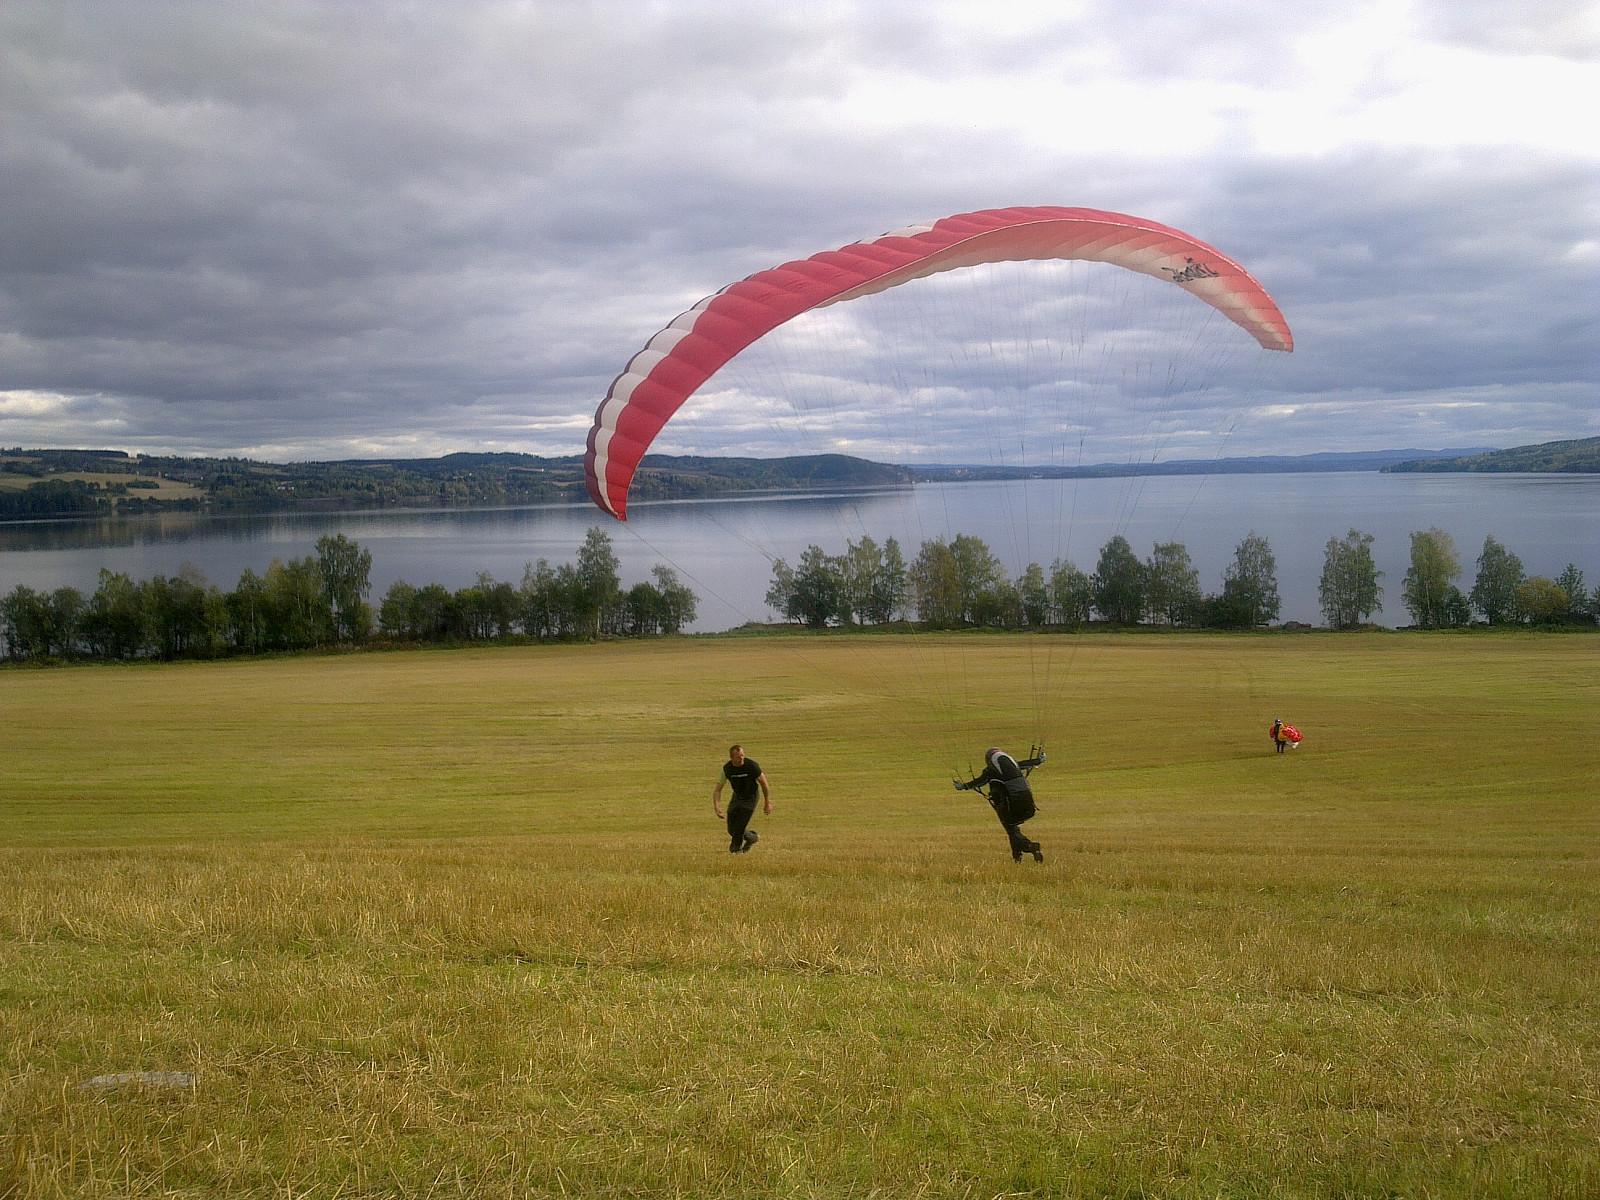 Turartikkel Paragliding Fra Bangsberget Skrevet Av Heidim